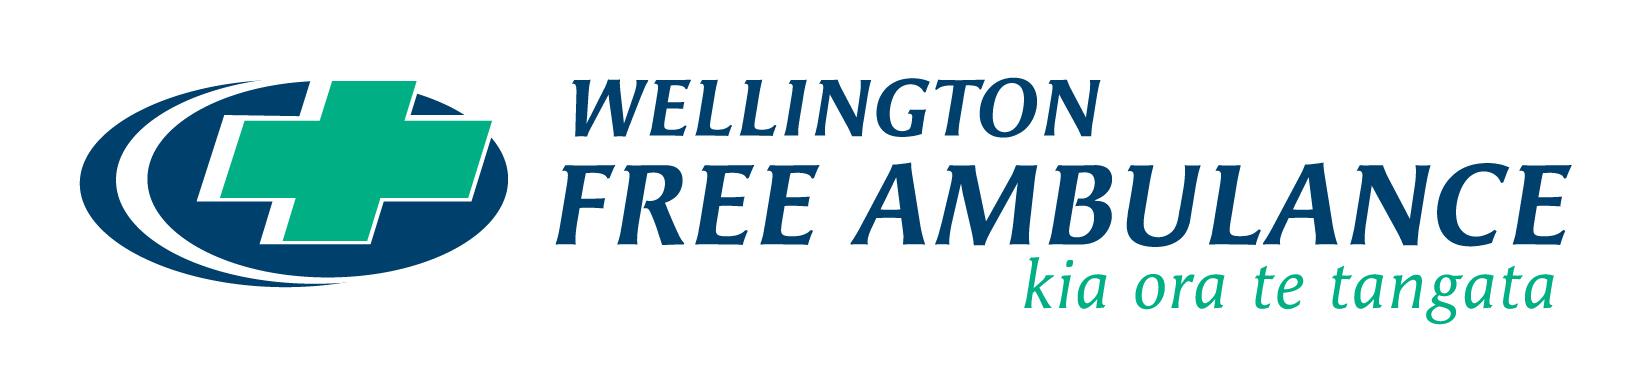 Wellington_Free_Ambulance_Landscape_Logo_2014.jpg